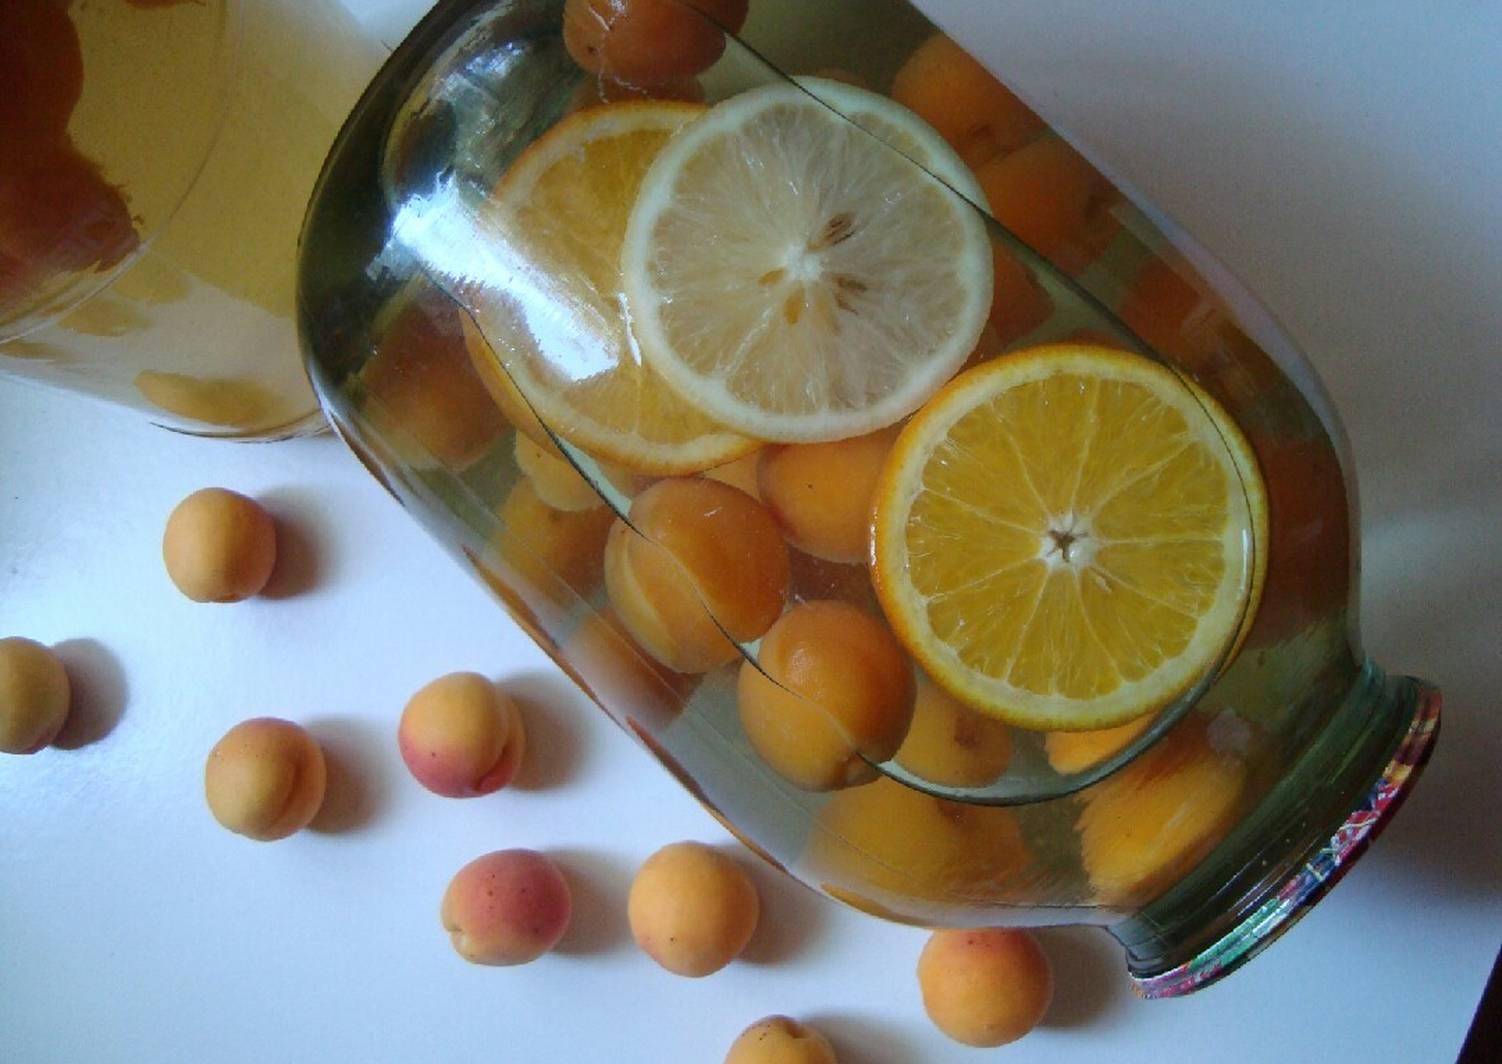 Фанта из абрикосов и апельсинов: лучшие рецепты напитка. как приготовить домашнюю фанту из абрикосов и апельсинов - автор екатерина данилова - журнал женское мнение